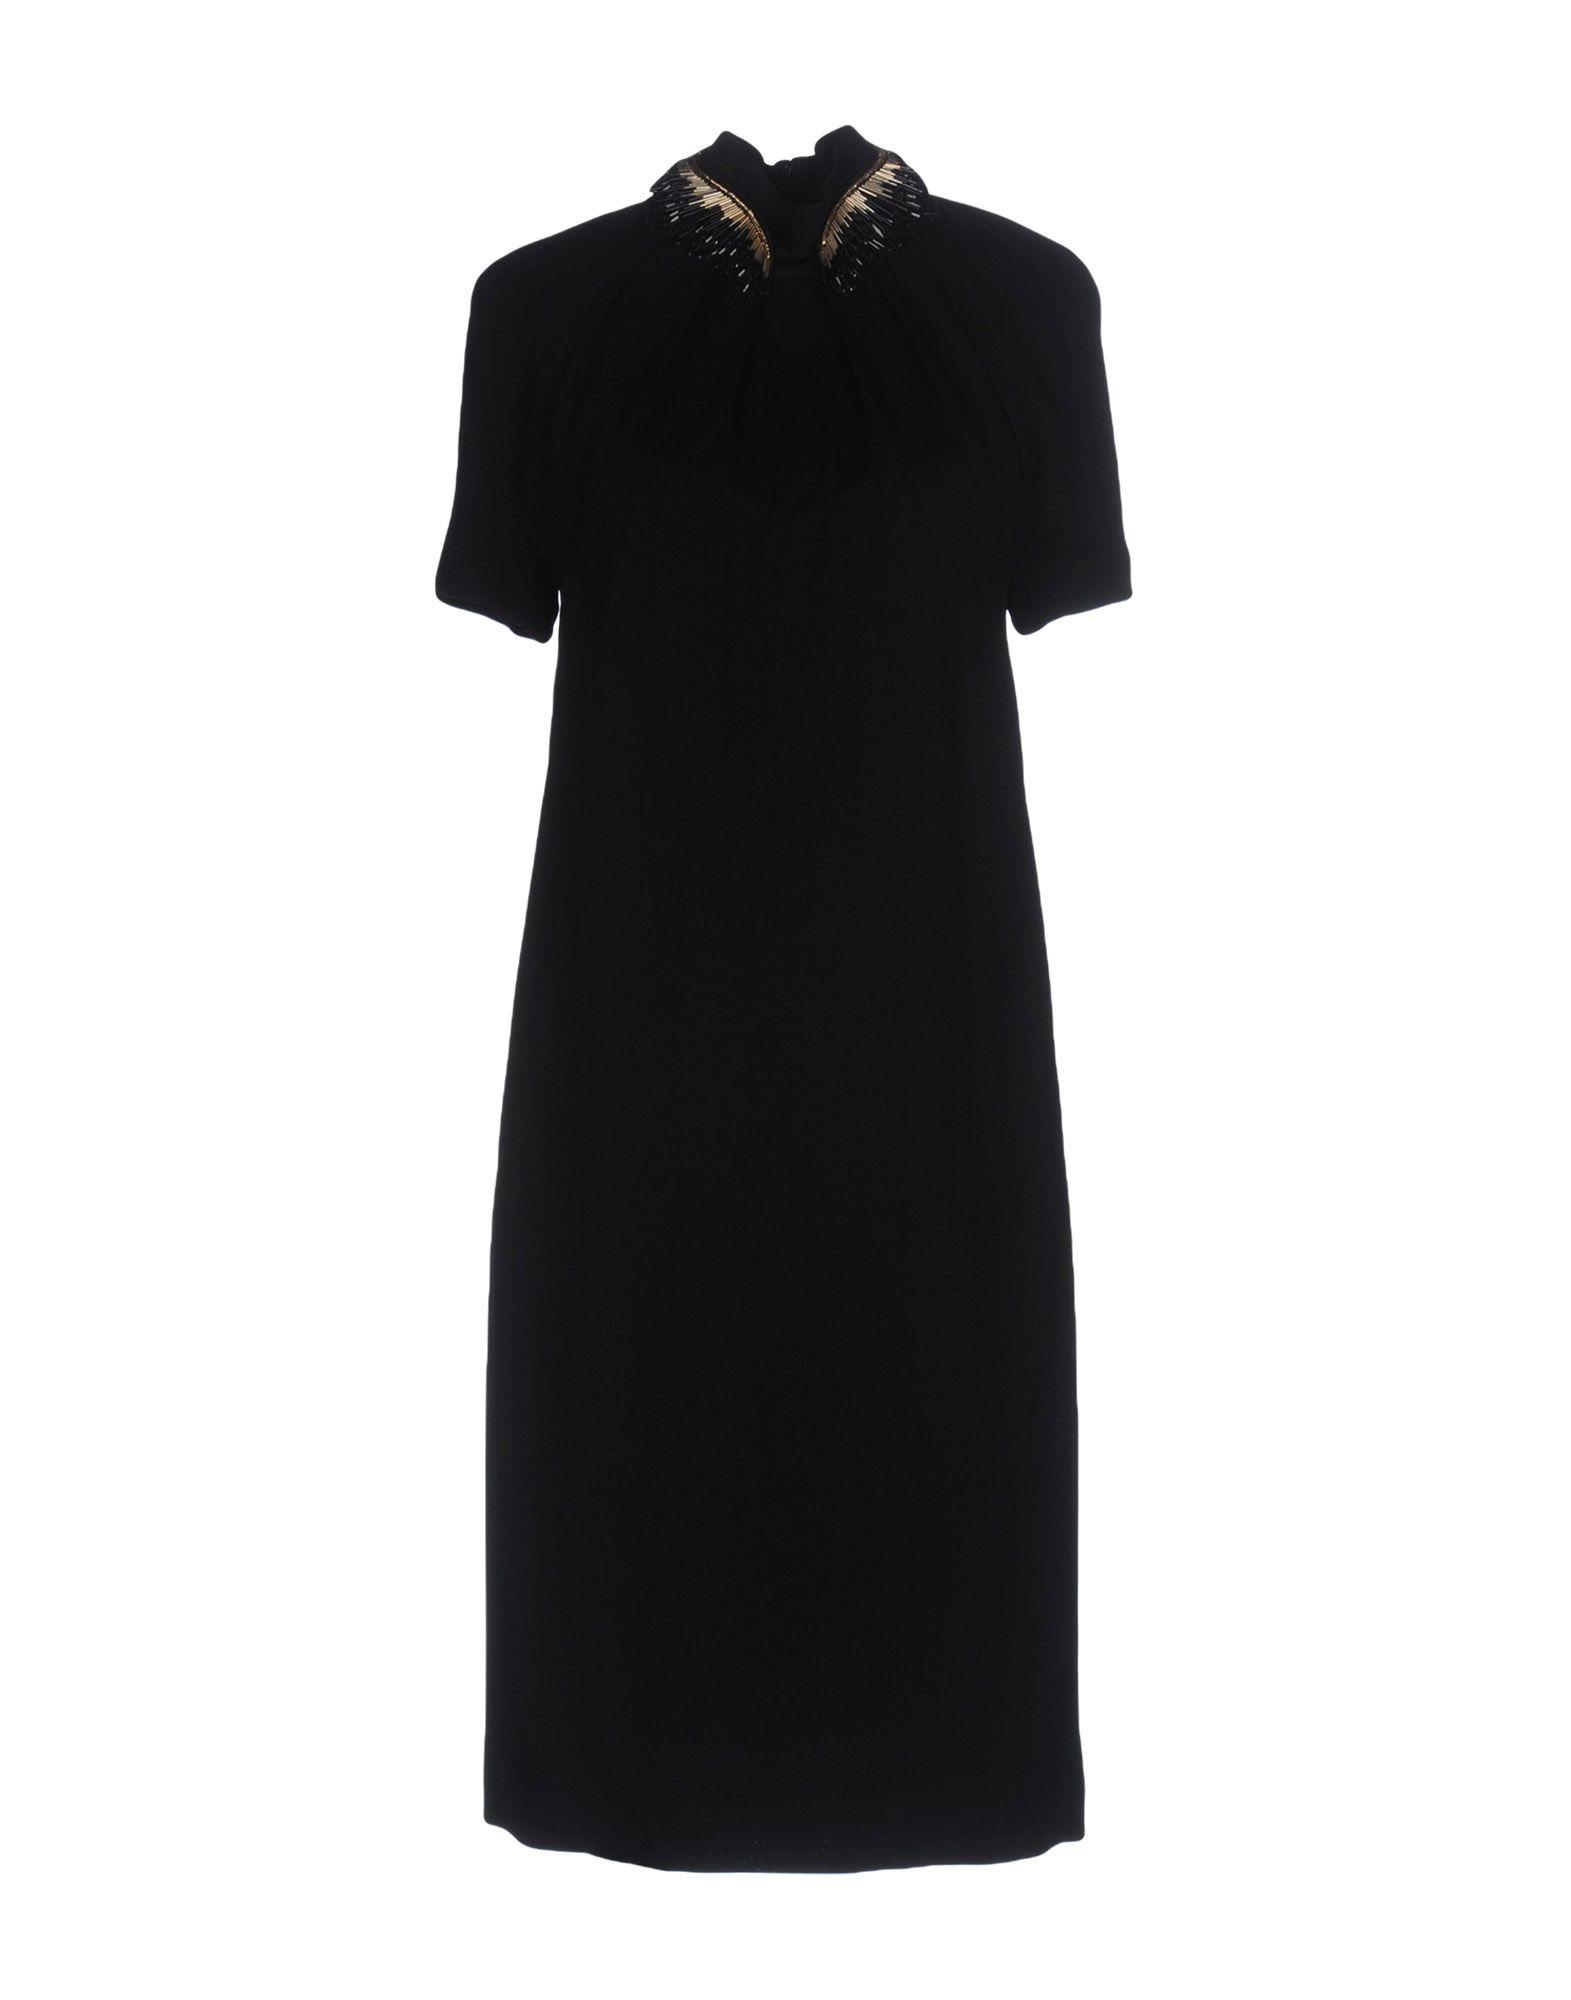 GUCCI Damen Kurzes Kleid Farbe Schwarz Größe 5